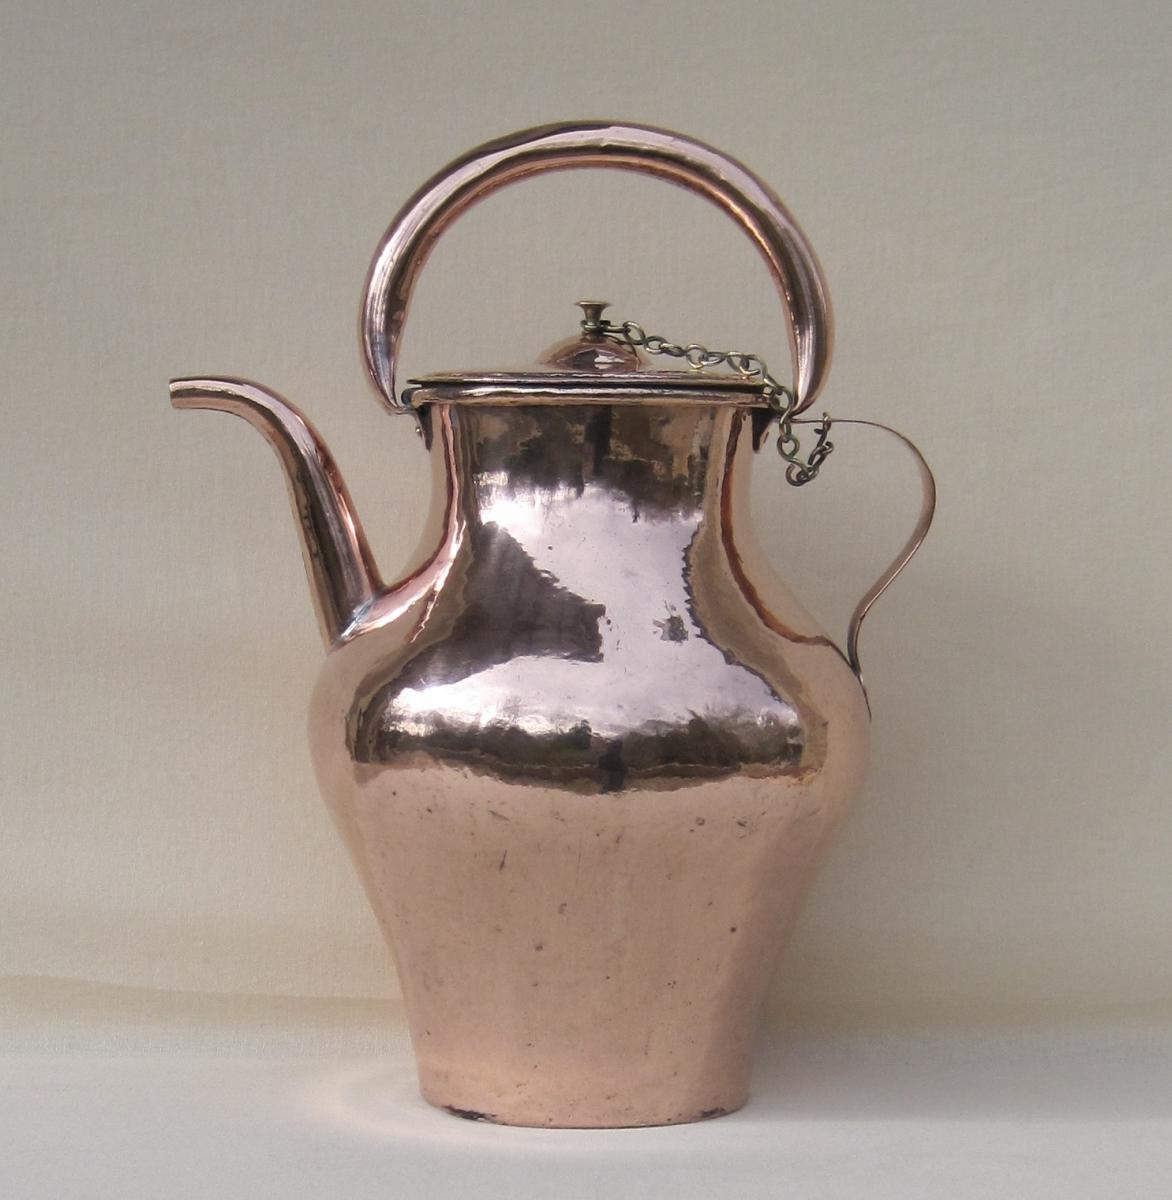 Cruche à huile, en cuivre. Fin XVIIIe-début XIXe.